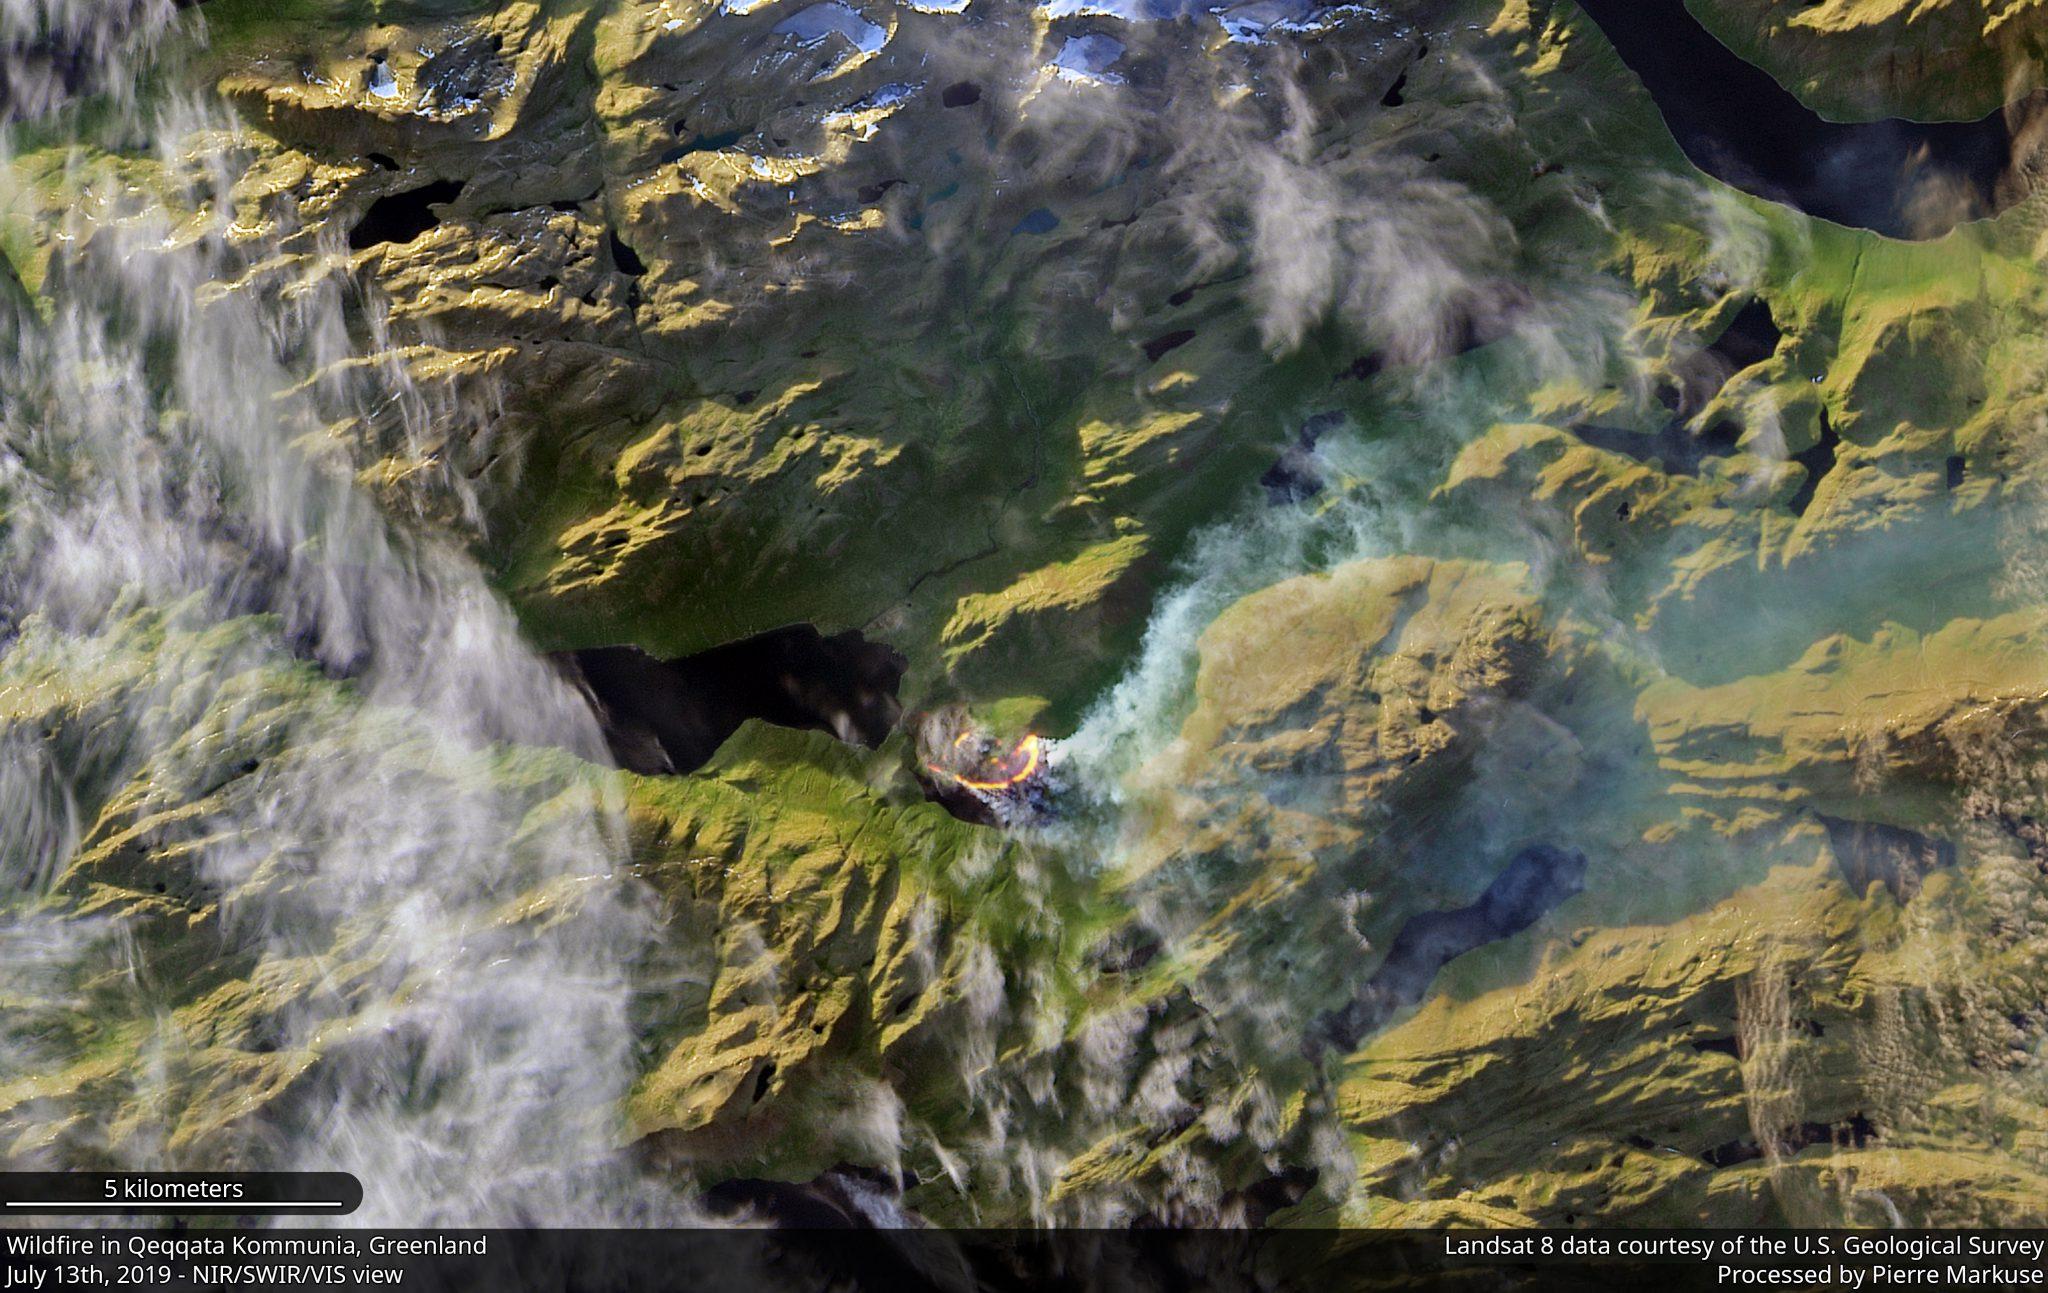 desc:Wildfire in the Qeqqata Kommunia, Greenland Copernicus/Pierre Markuse